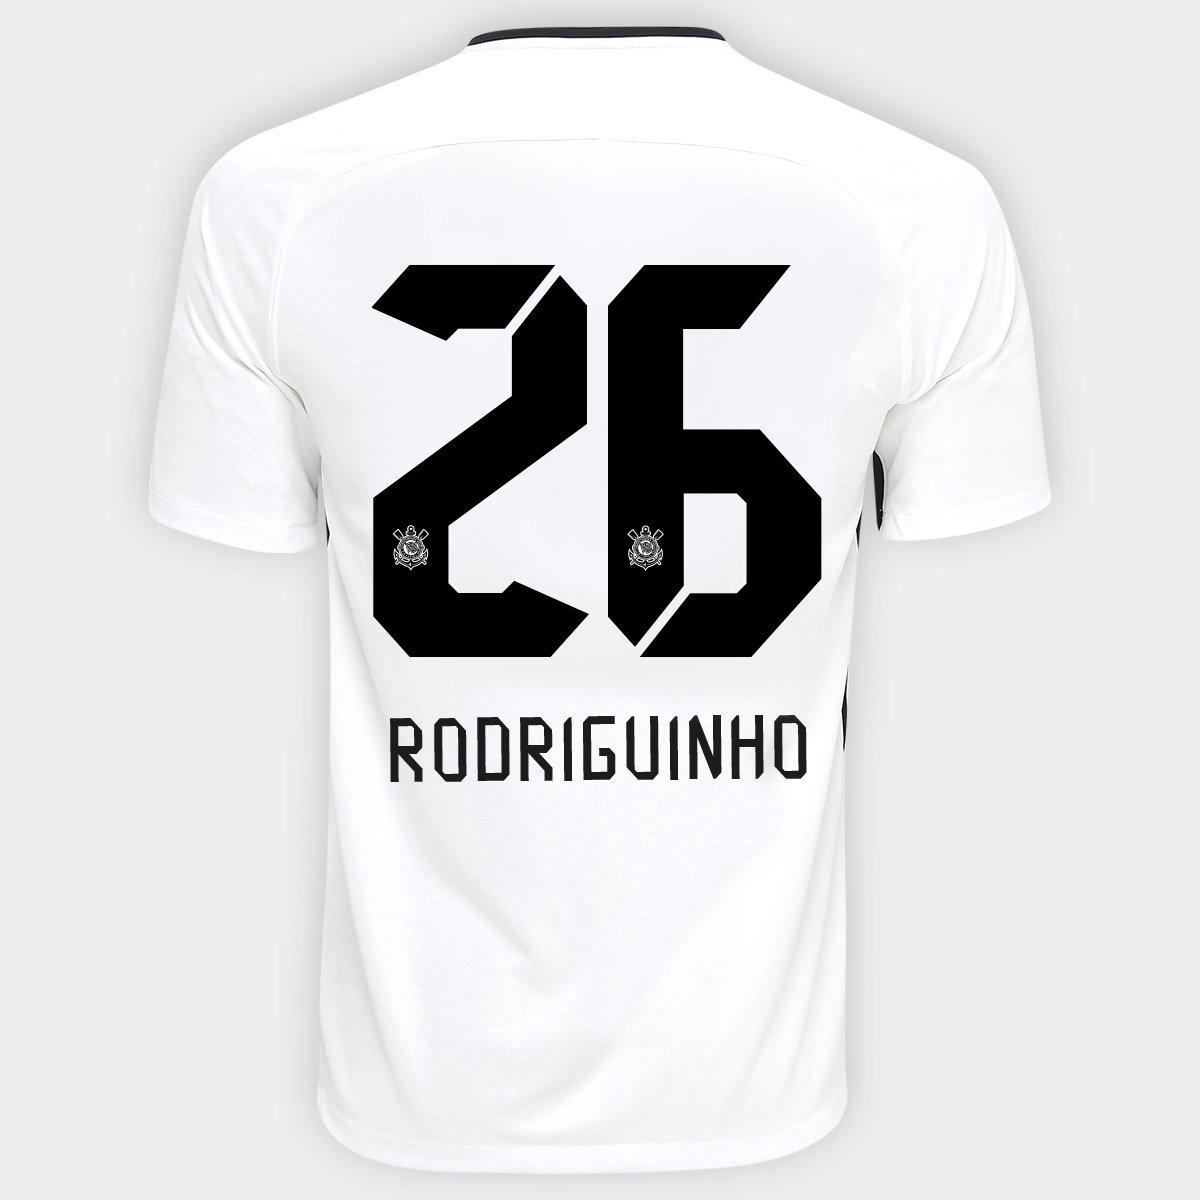 Camisa Nike Corinthians I 17 18 nº 26 - Rodriguinho - Compre Agora ... 898d156f07495